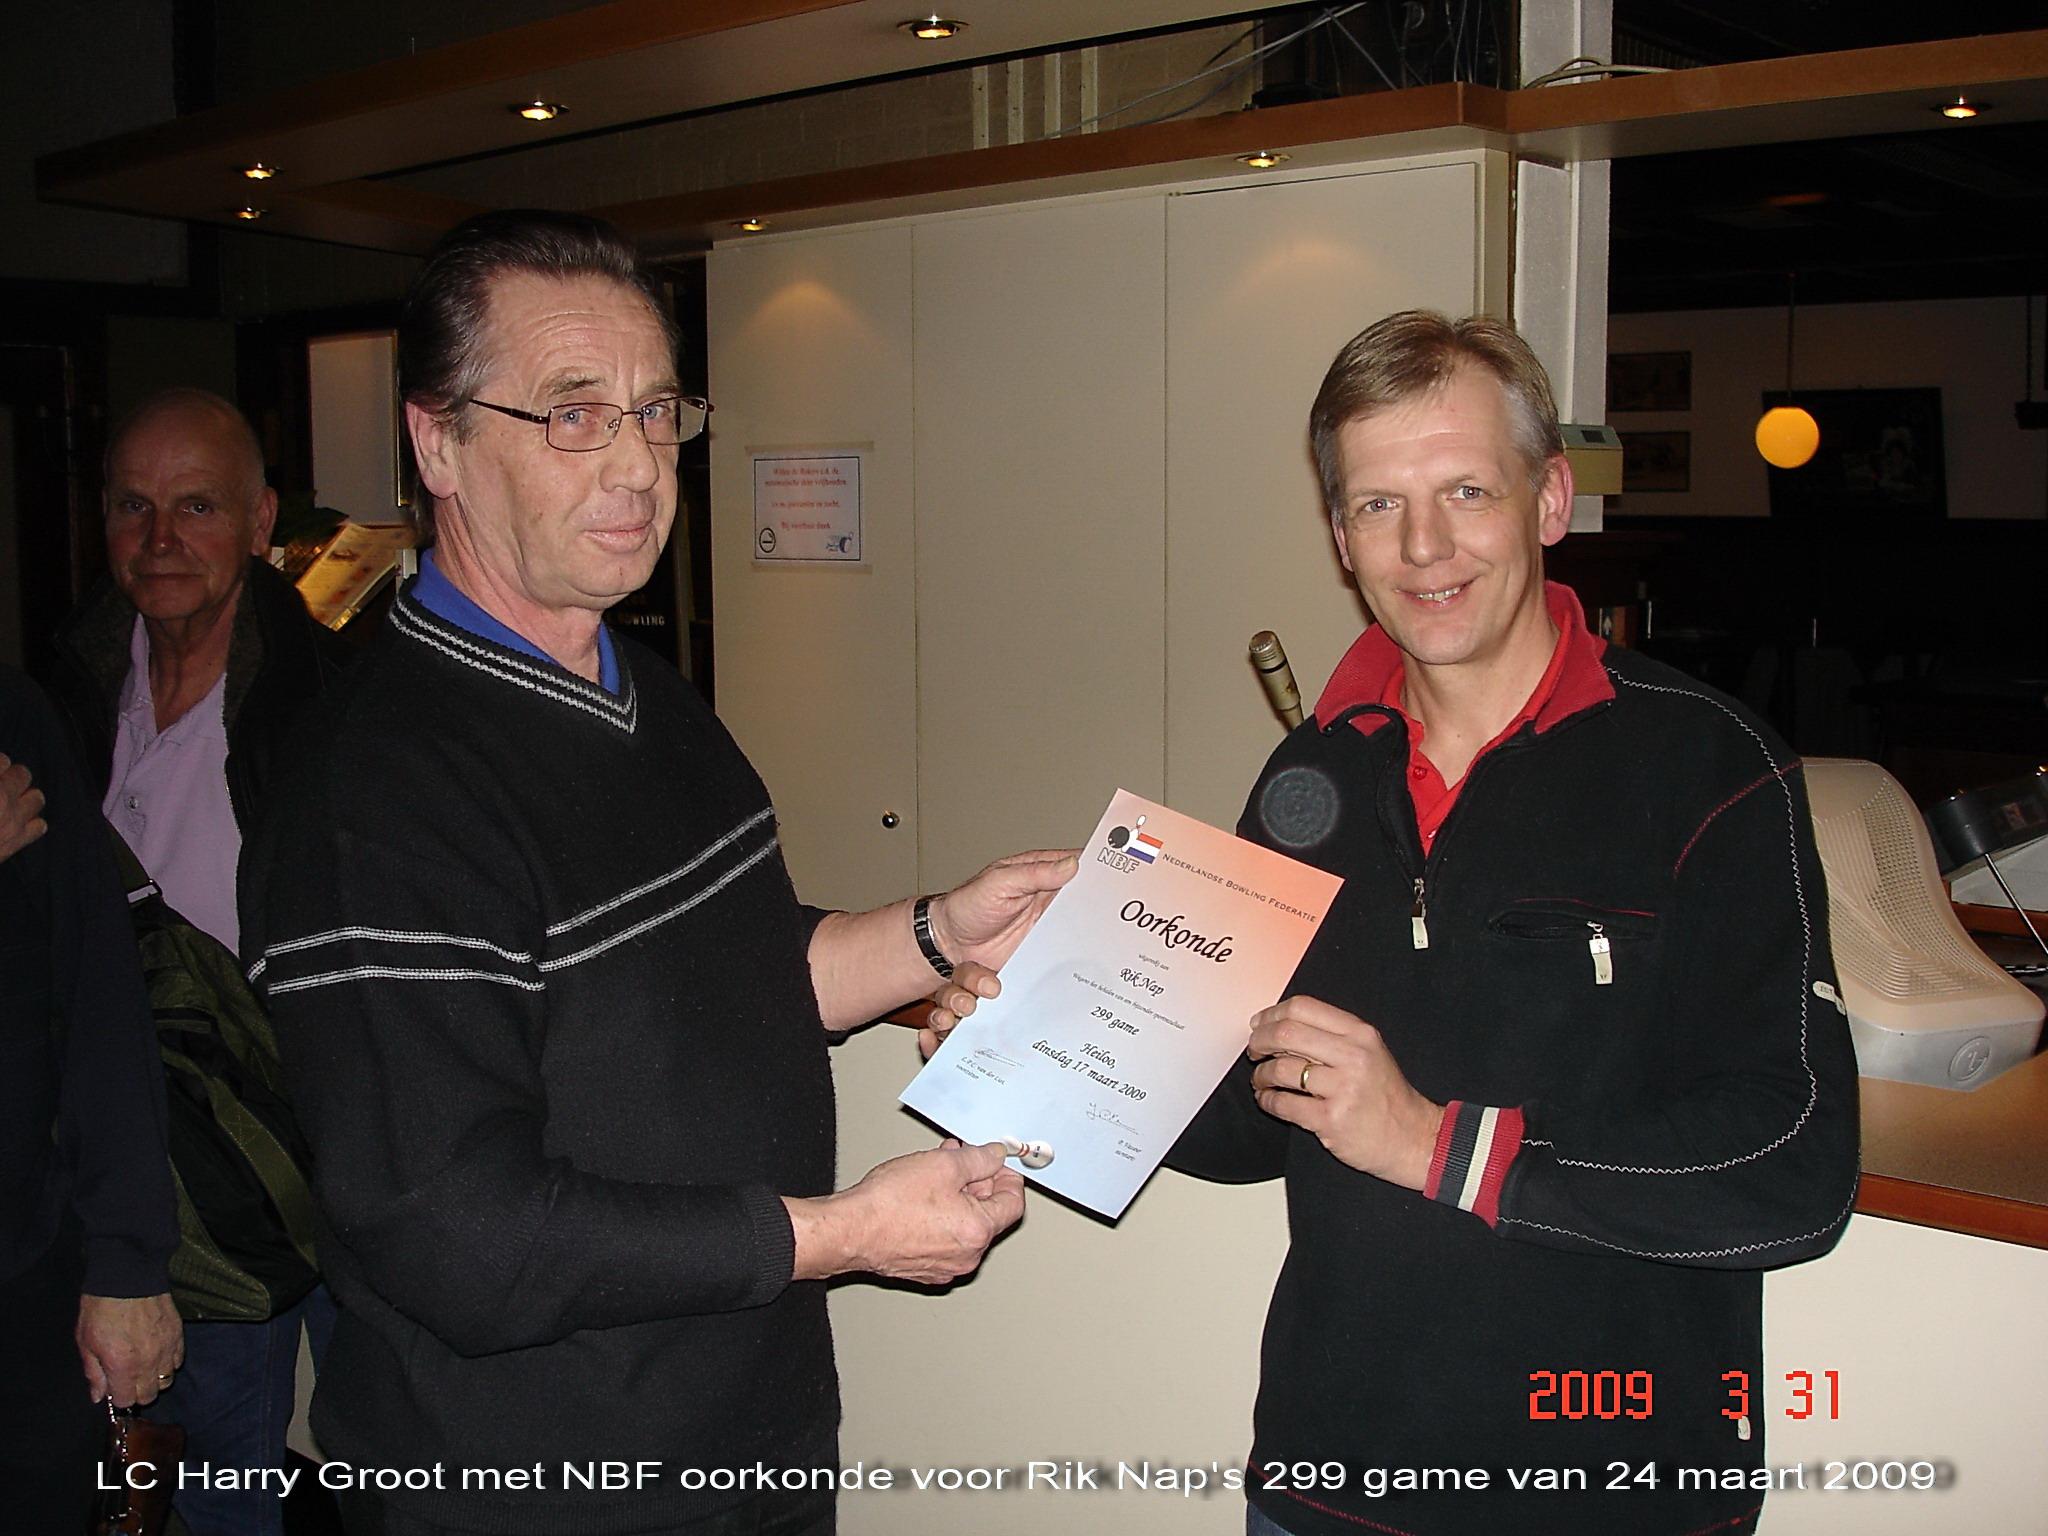 http://www.bowlingverenigingheiloo.nl/wall_of_fame/foto's/2009_0331-NBF-Oorkonde(299game)voorRikNap.jpg